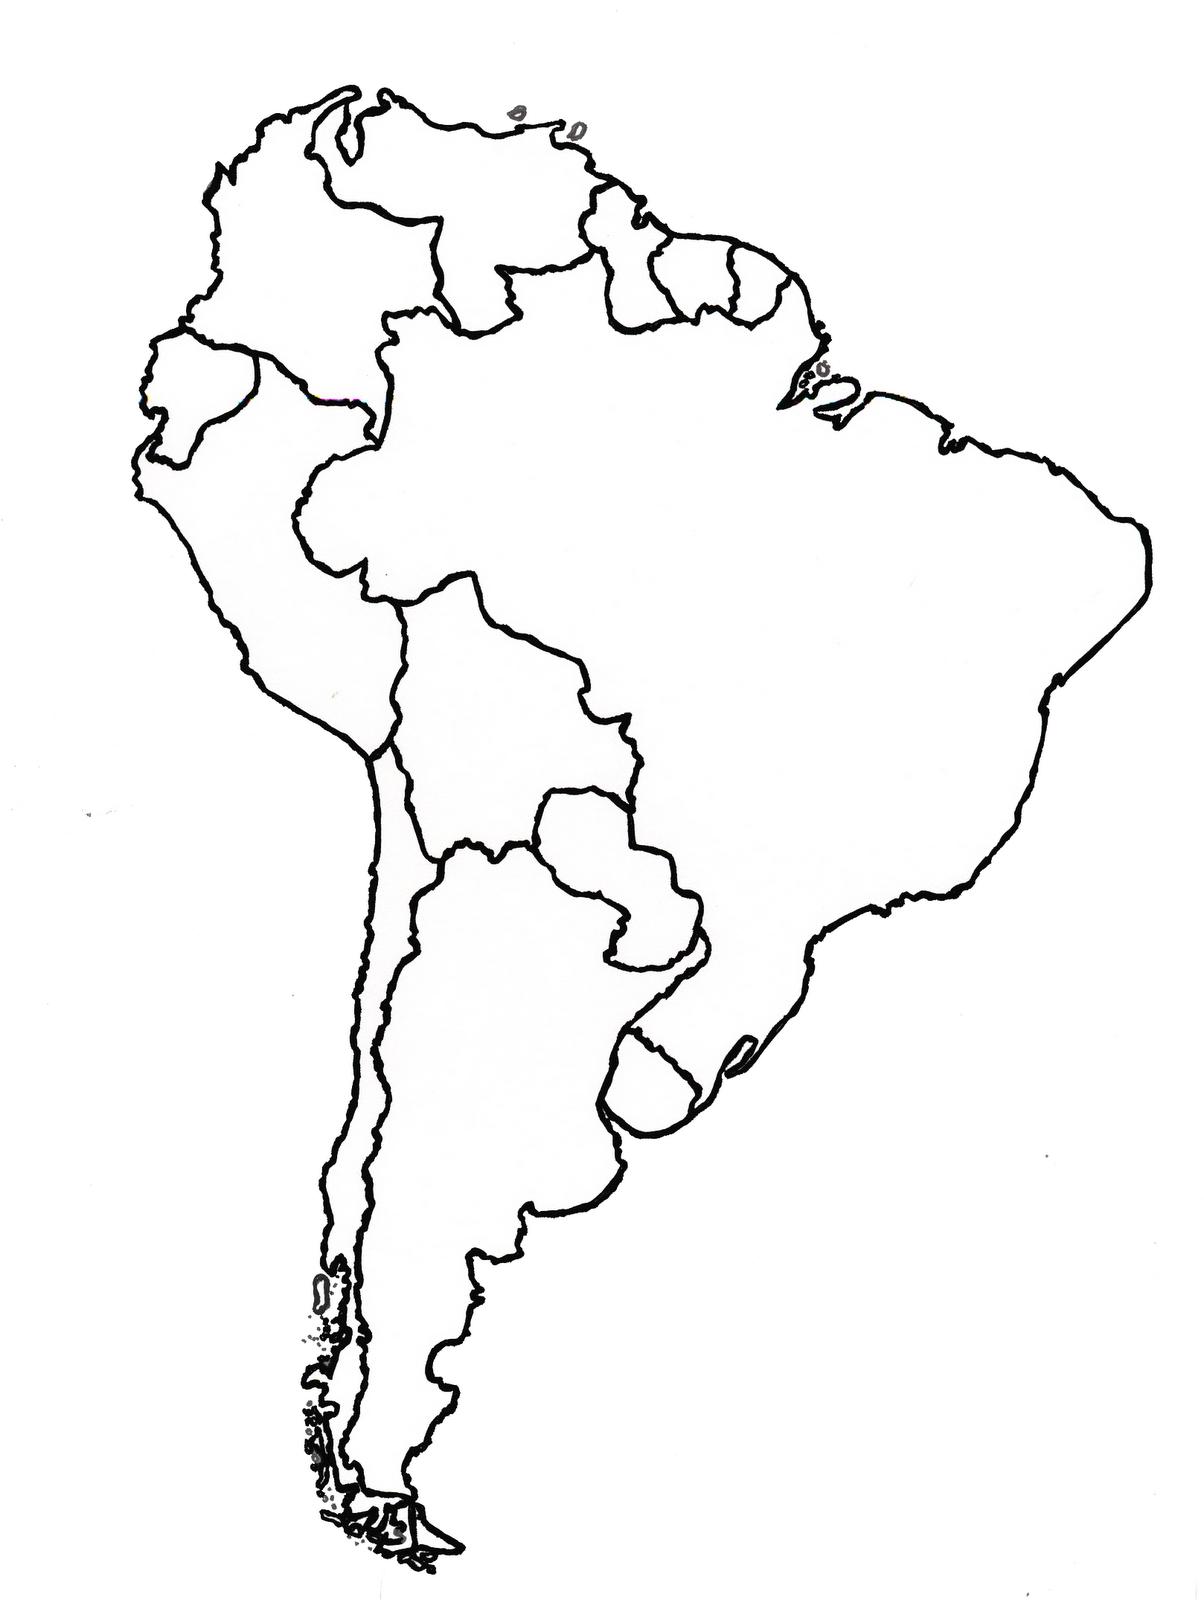 Mapa mudo america del sur - Imagui